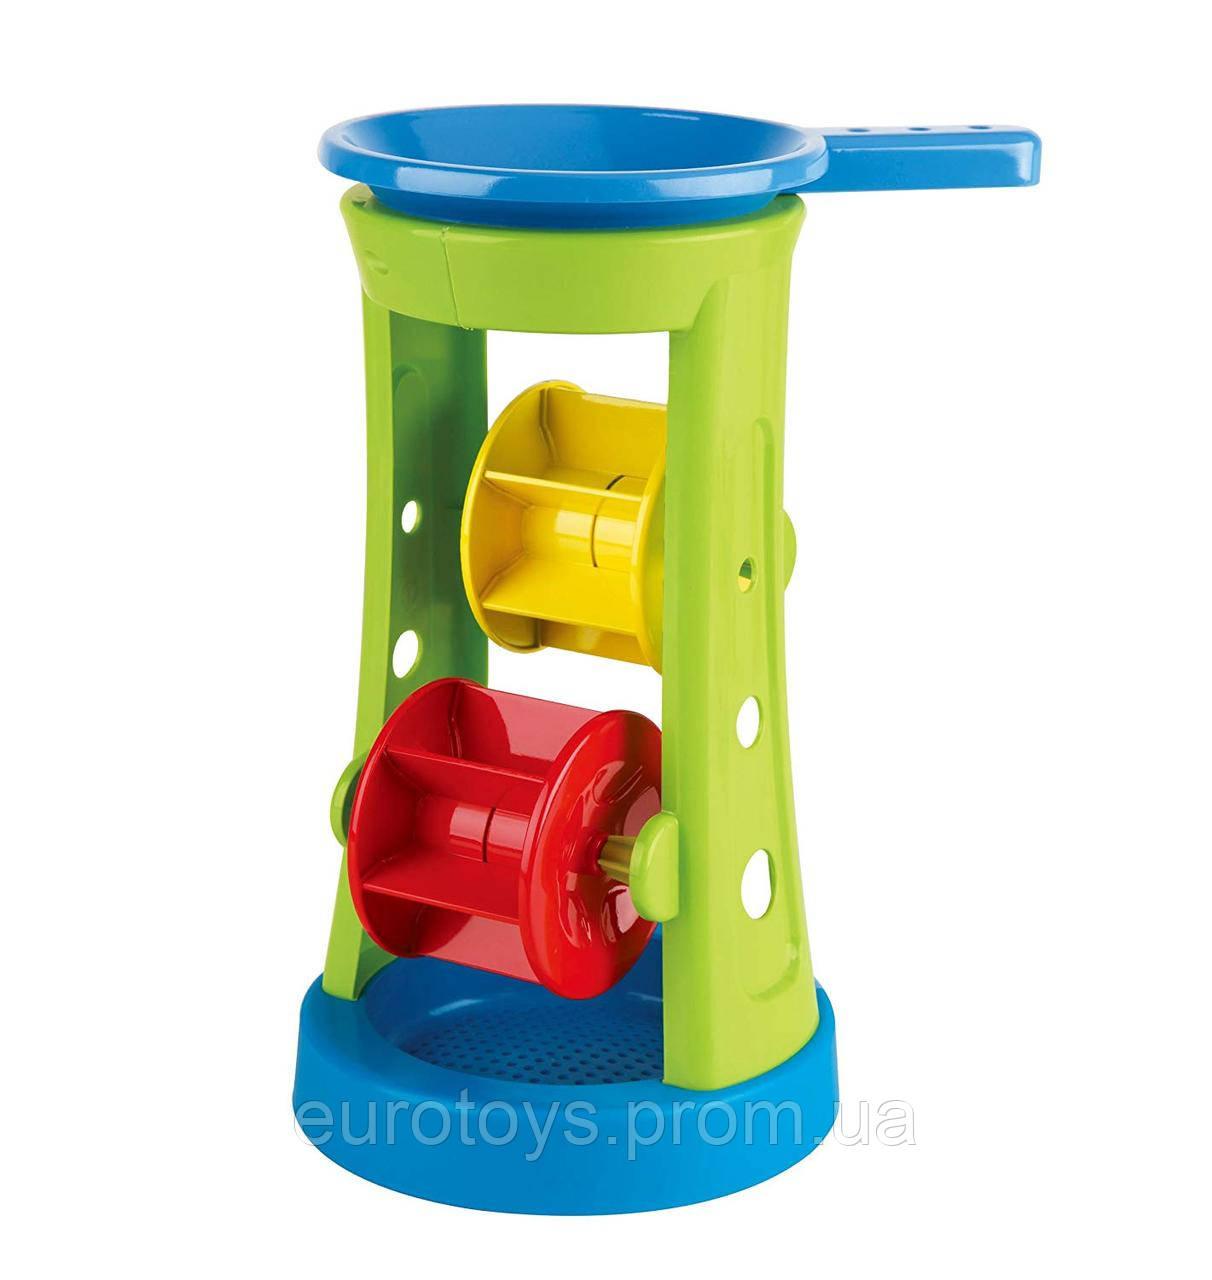 HAPE Игрушка для песка с водным колесом